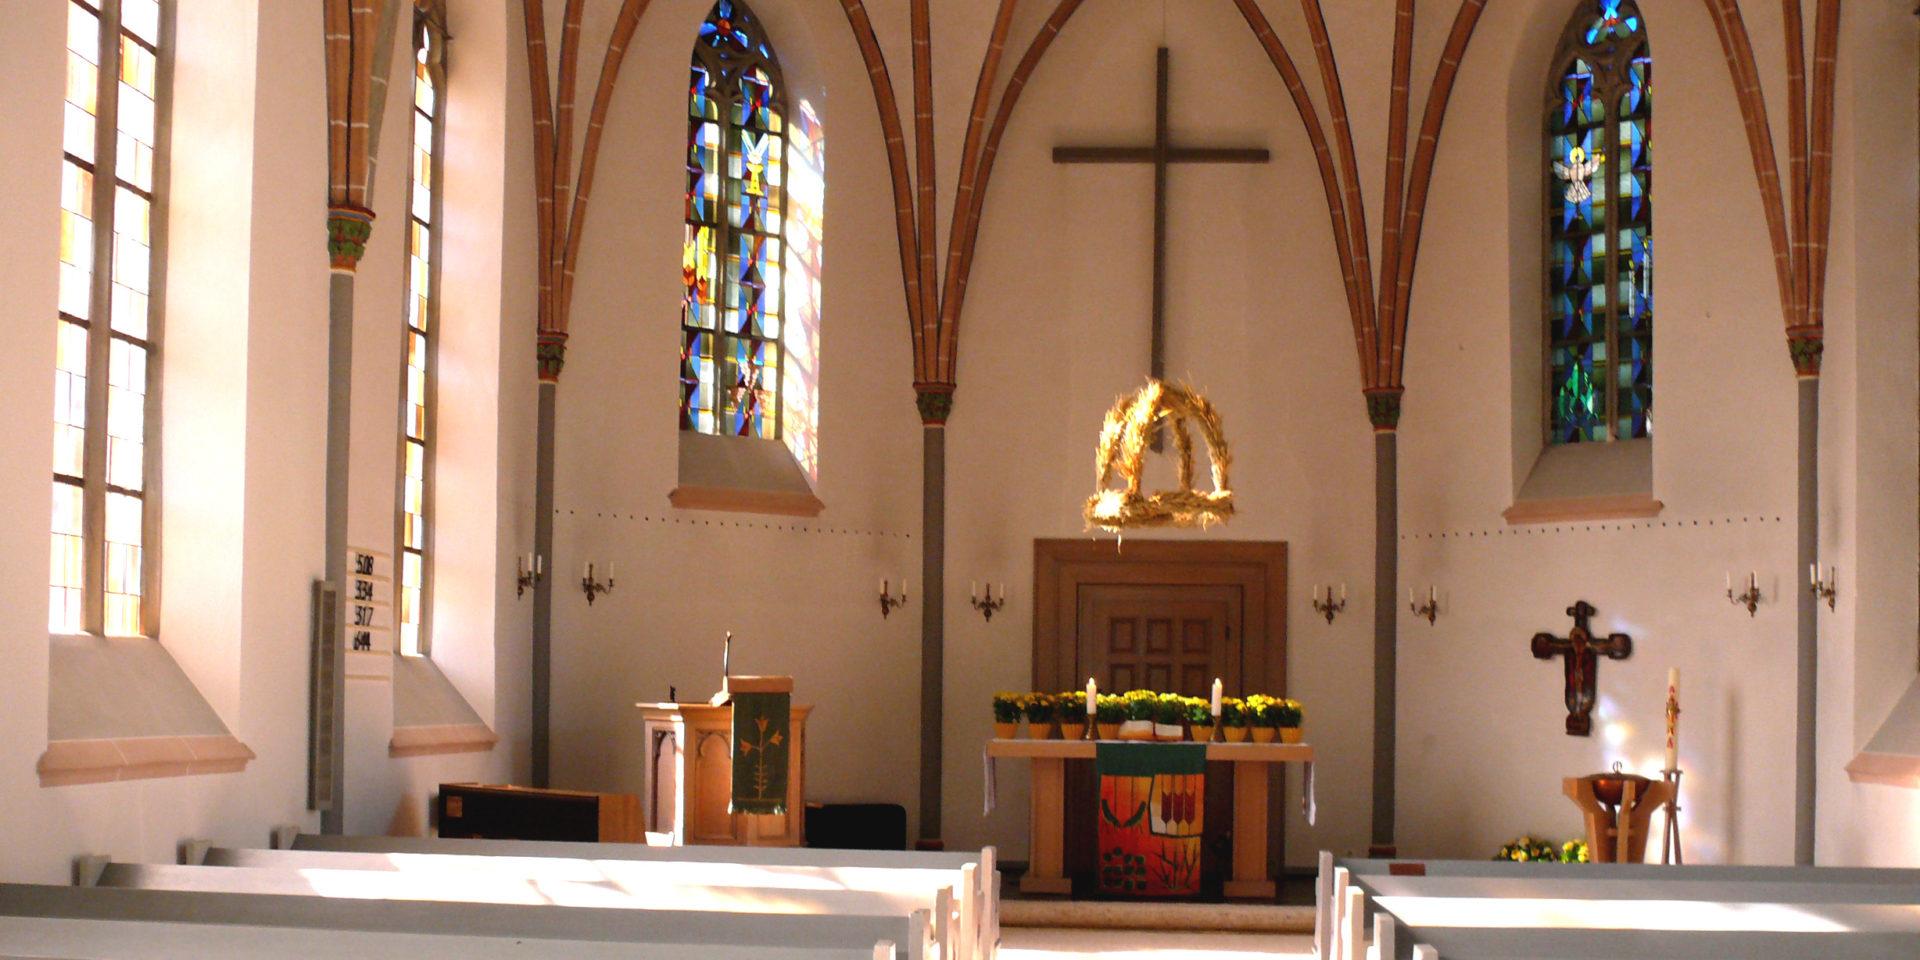 Evangelische Kirchengemeinde in Engelskirchen & Loope